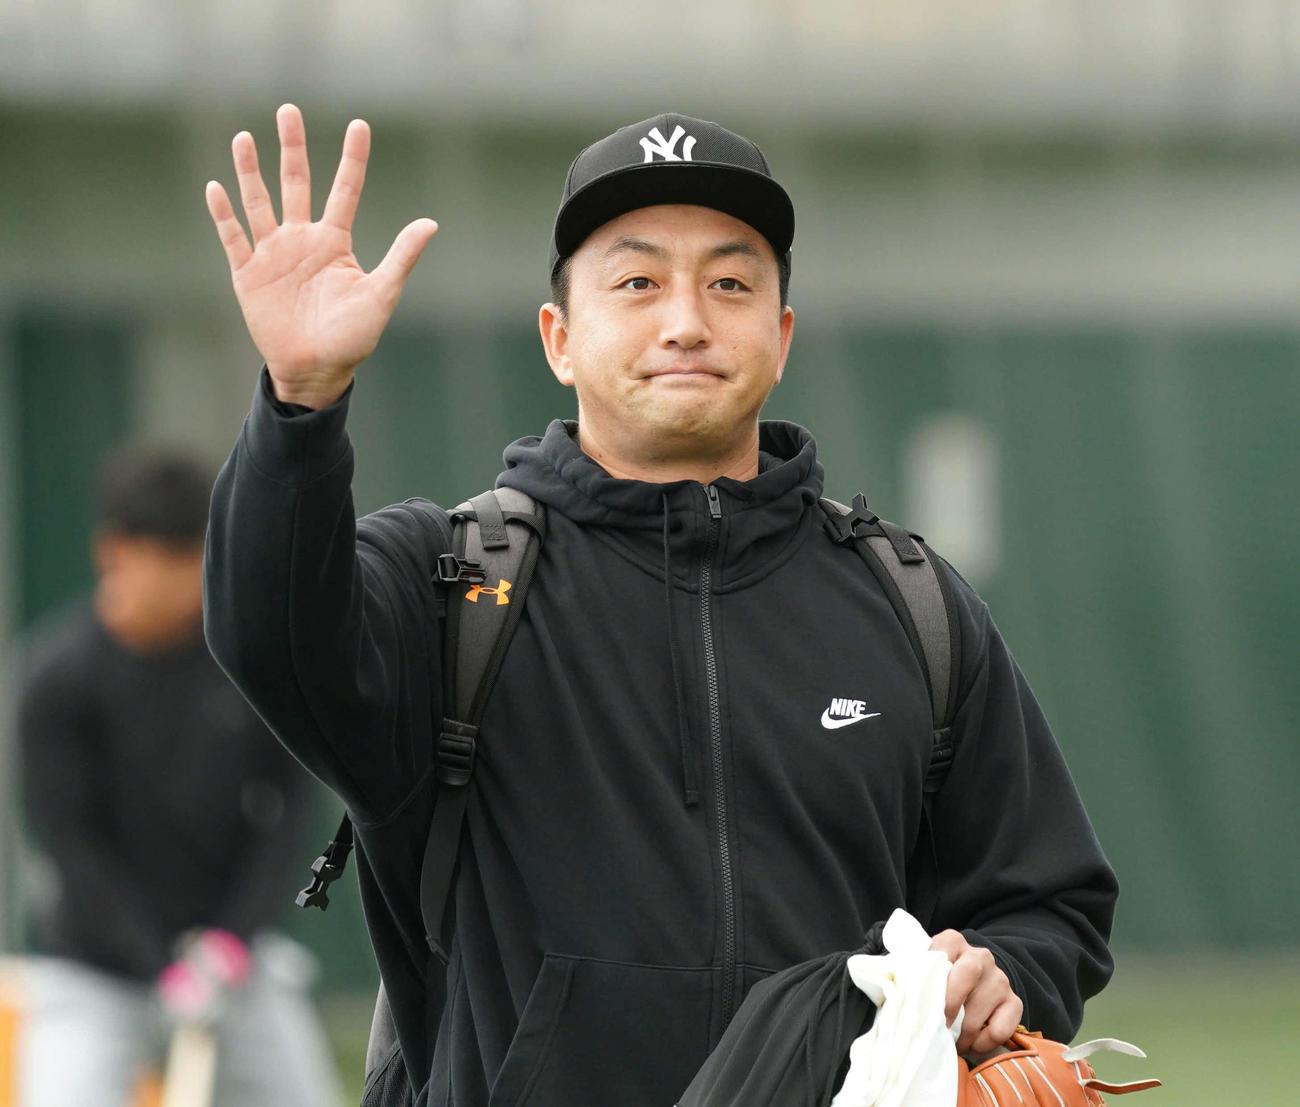 「ハロー!」。インフルエンザによる休養から復帰し、何故か英語で報道陣に挨拶をする巨人沢村(撮影・加藤諒)